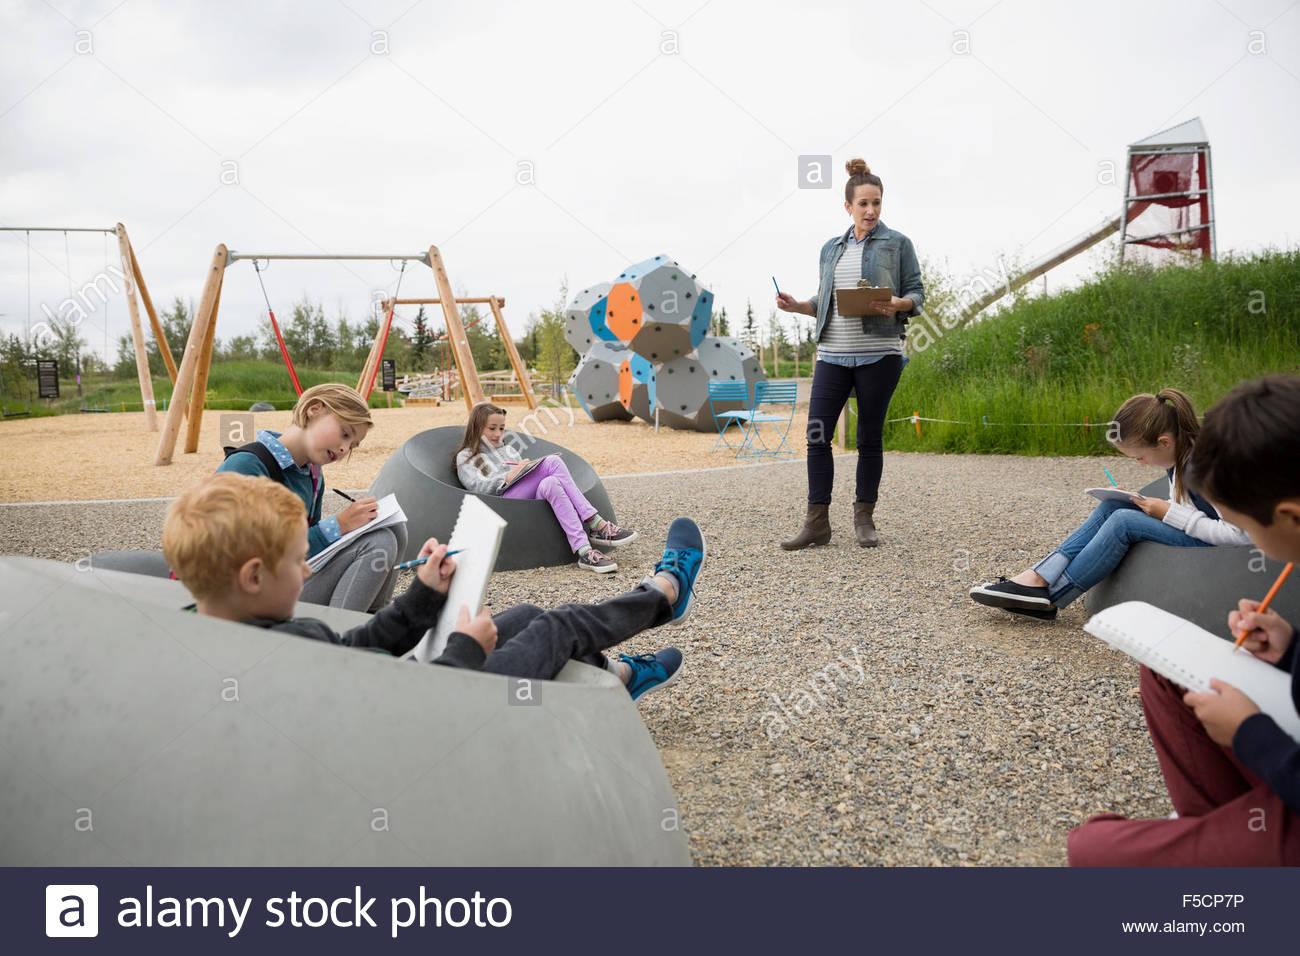 Lehrer führen Schüler mit Notebooks auf Spielplatz Stockbild